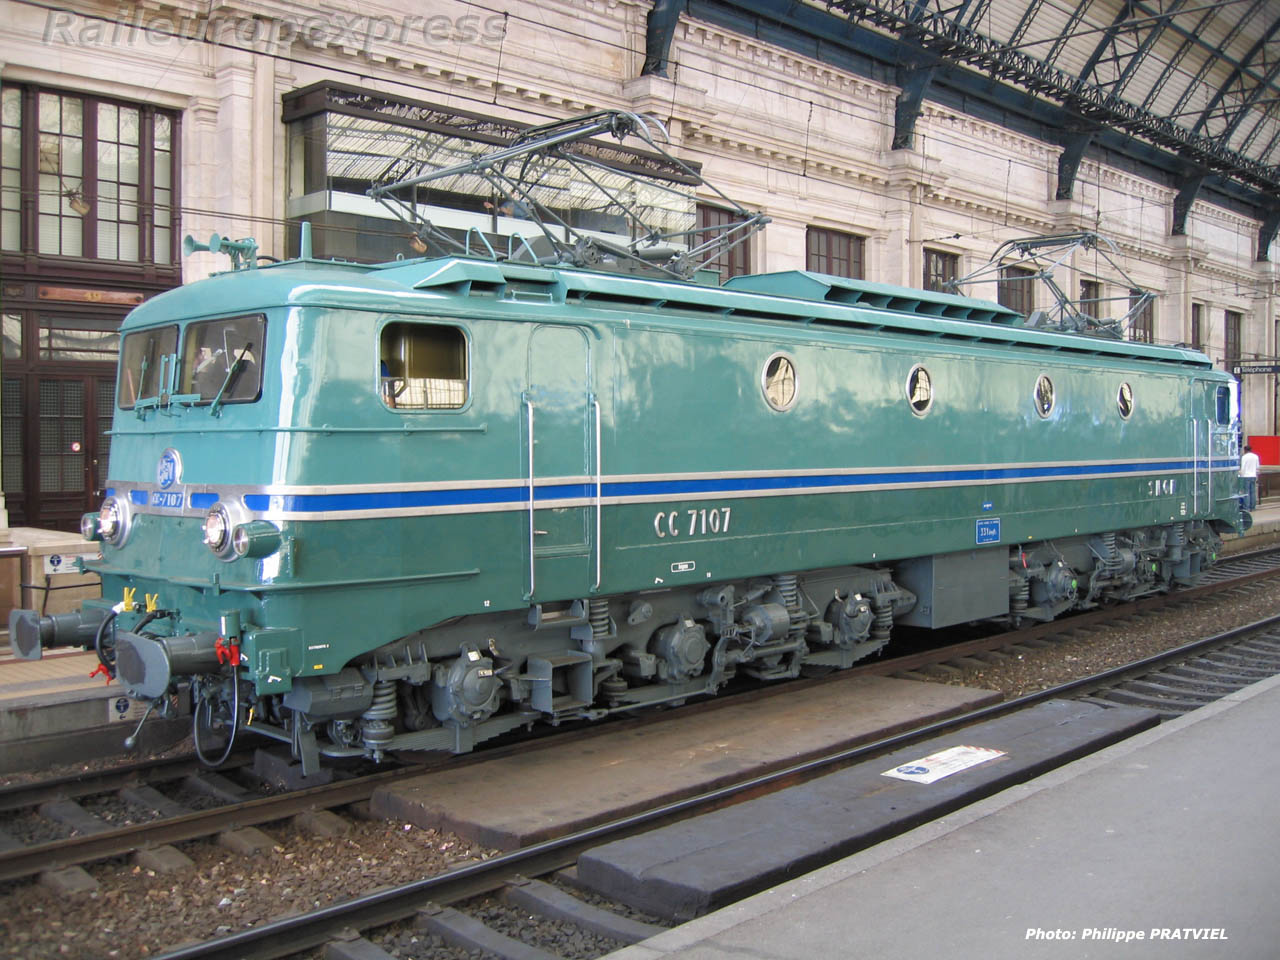 CC 7107 en gare de Bordeaux Saint Jean (F 33)